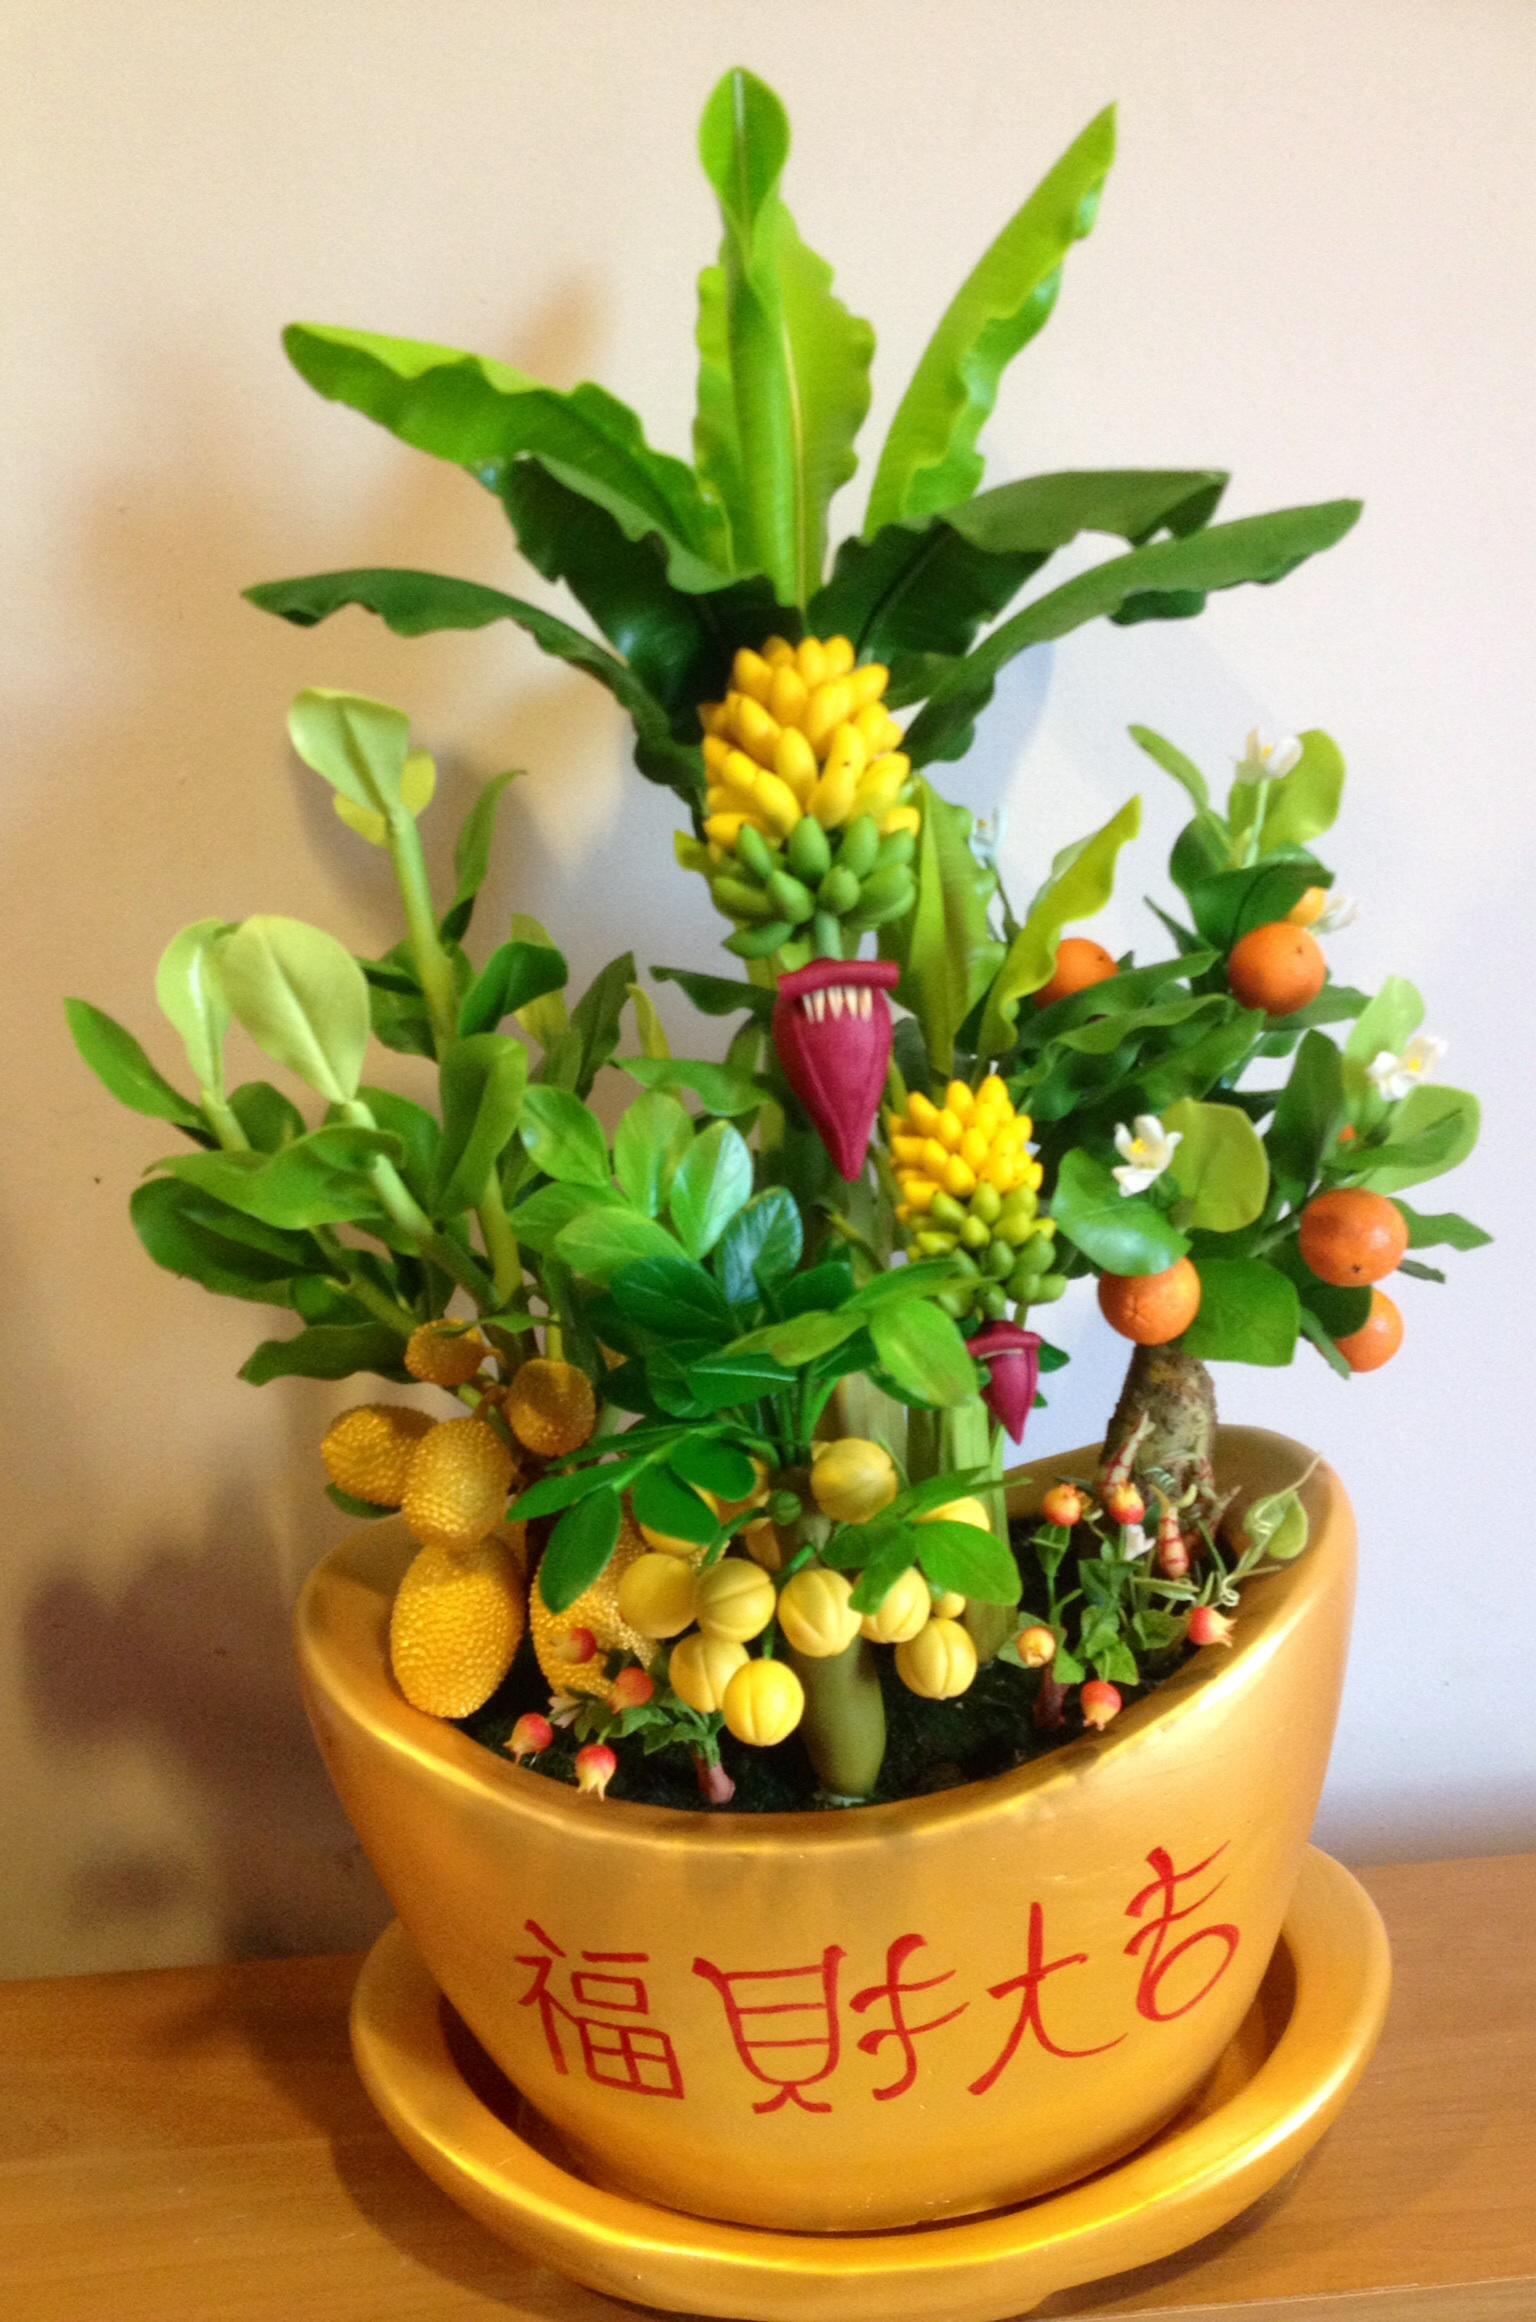 C014-สวนต้นไม้มงคล ส้ม มะยม กล้วย ขนุน 3-12 นิ้ว